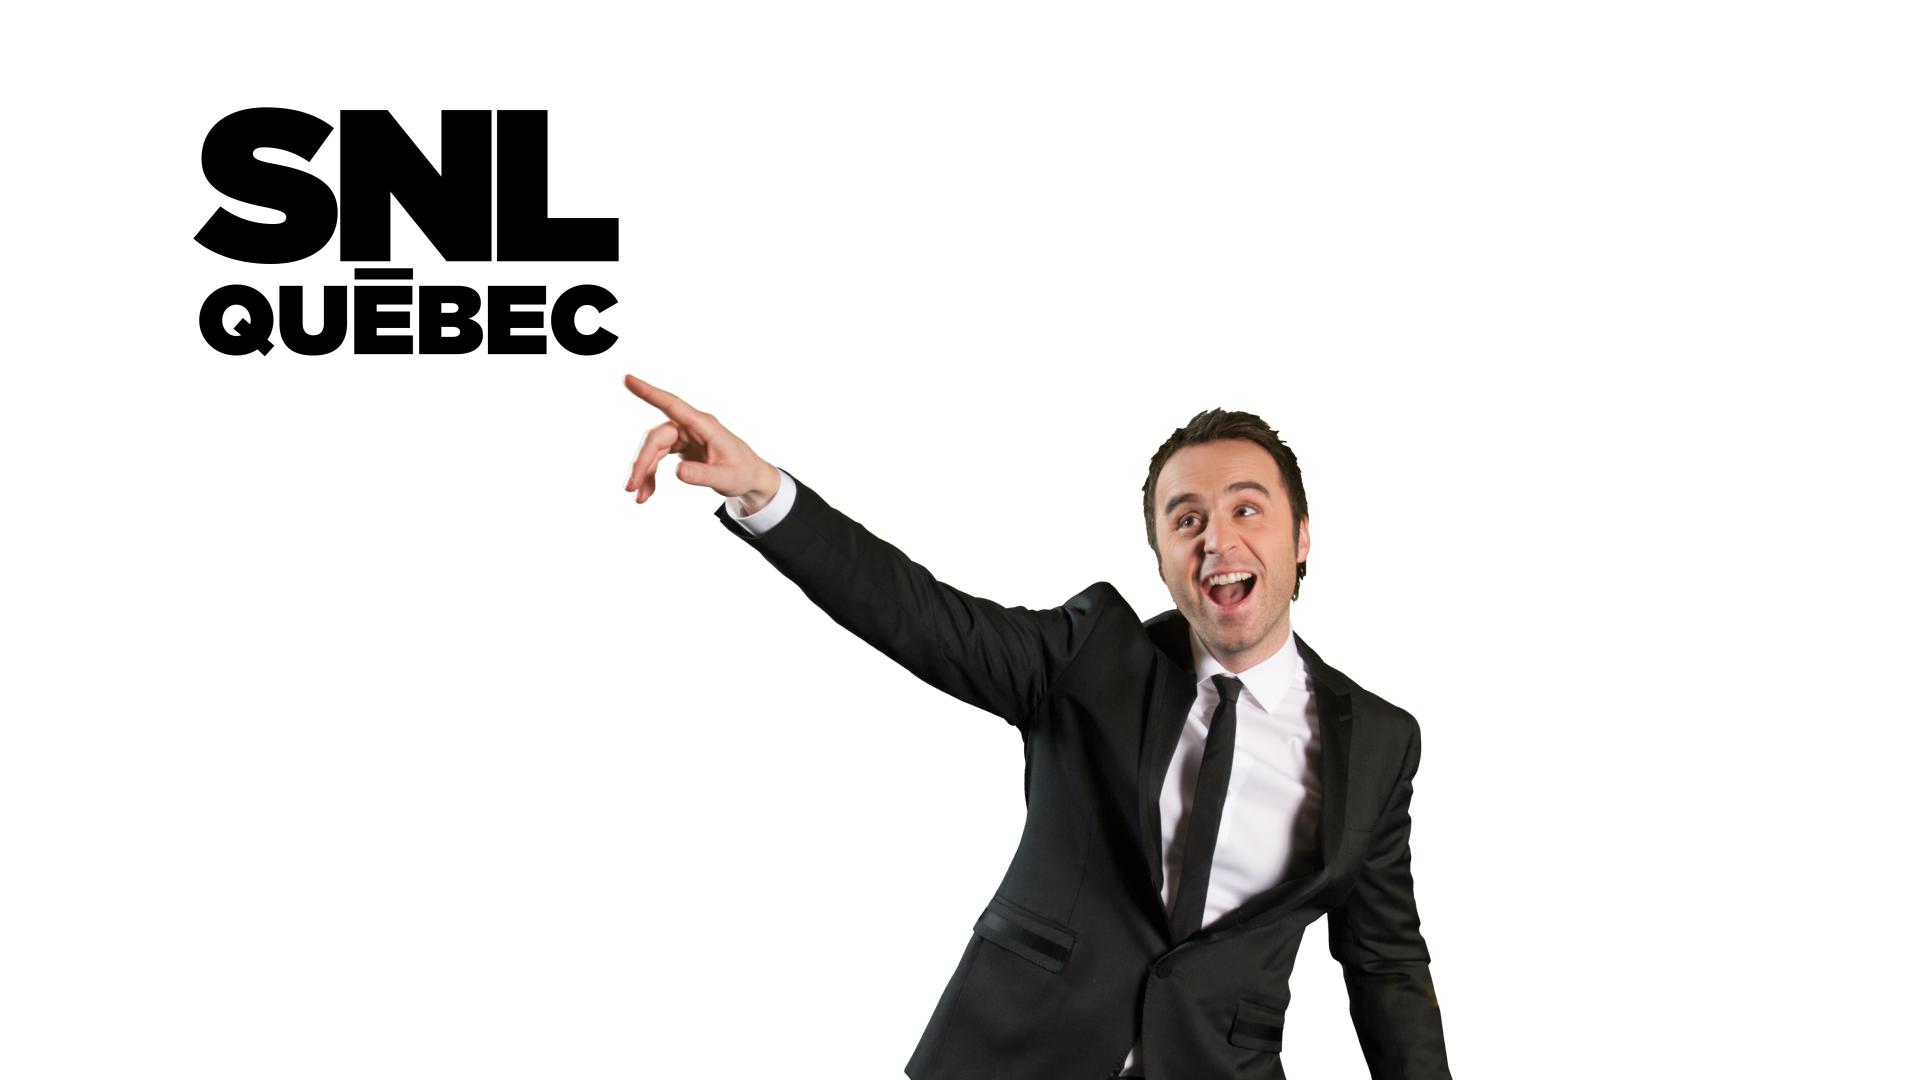 SNL_Quebec_01.png